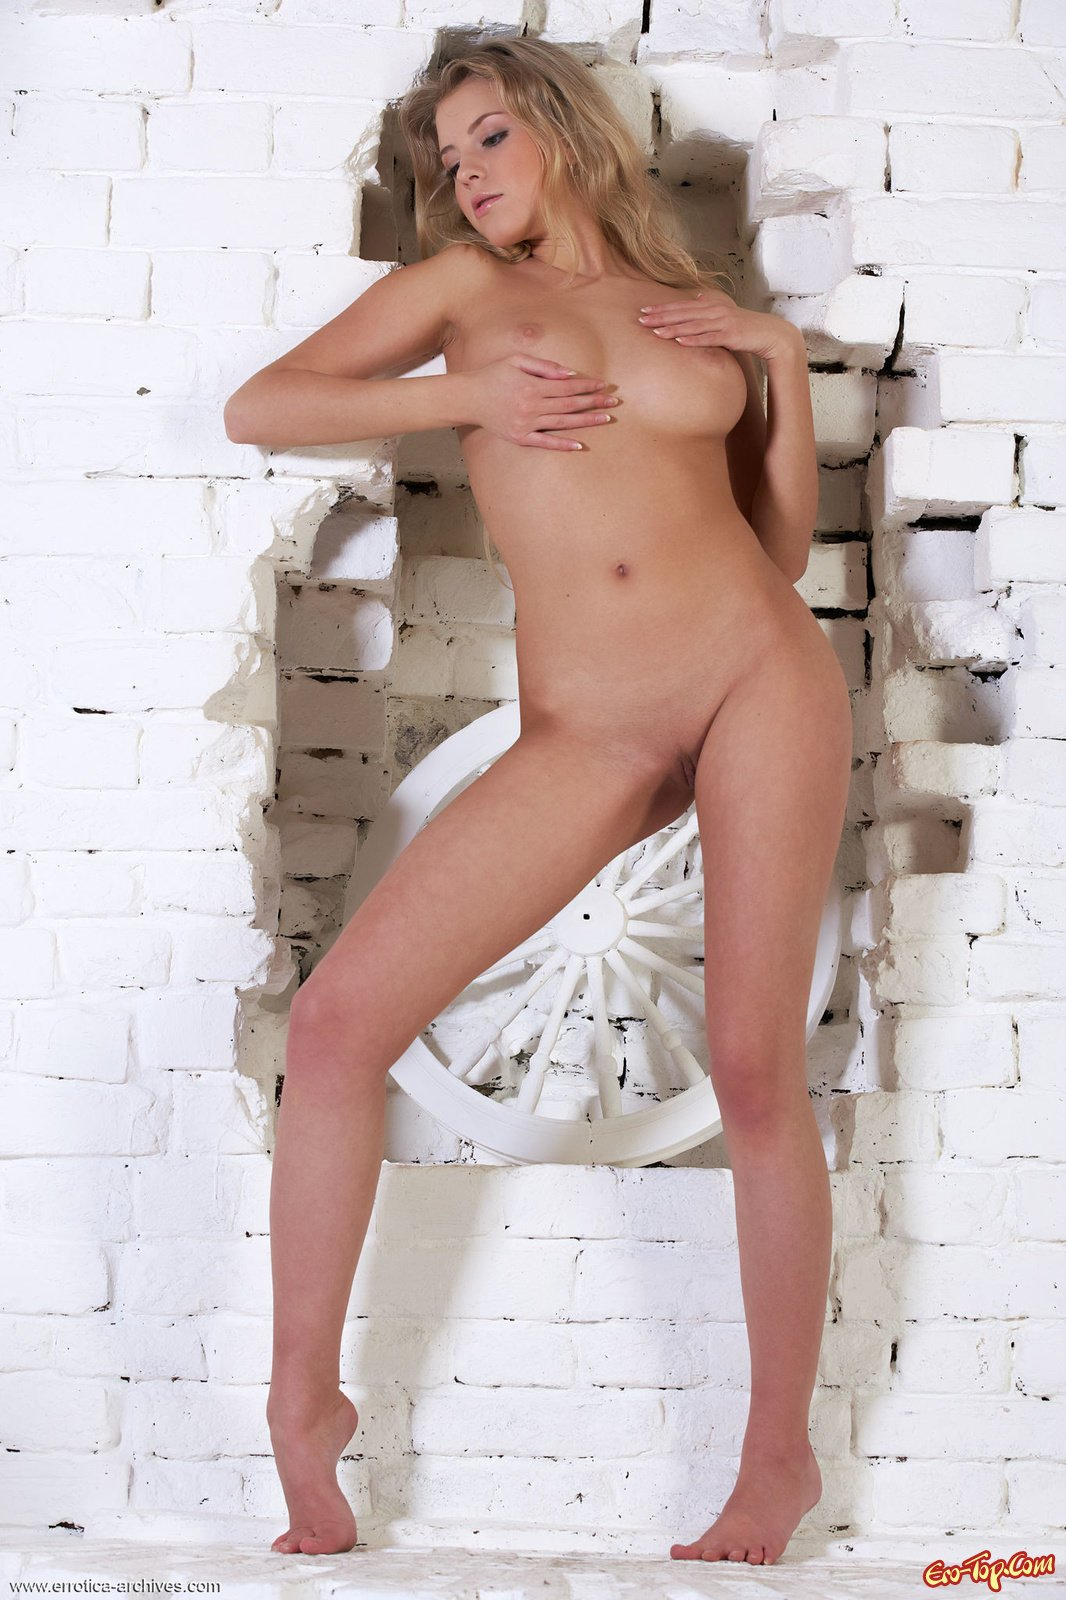 демонстрировать секс картинки